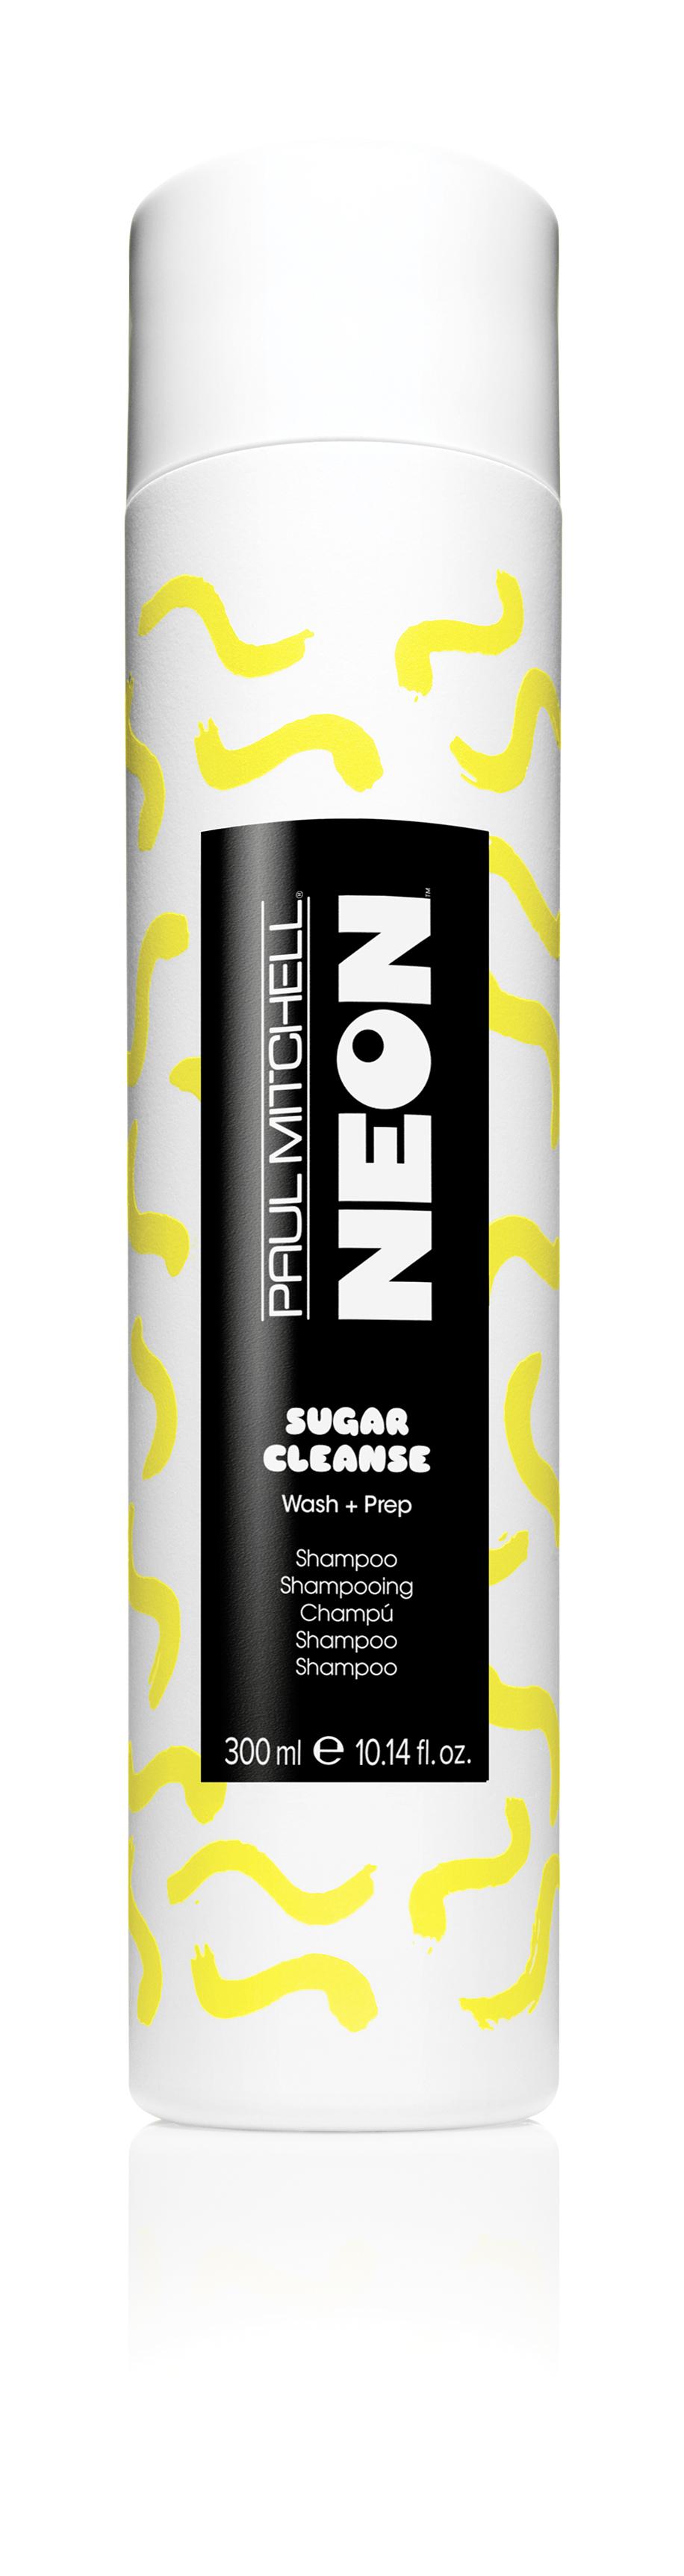 NEON SUGAR CLEANSE SHAMPOO